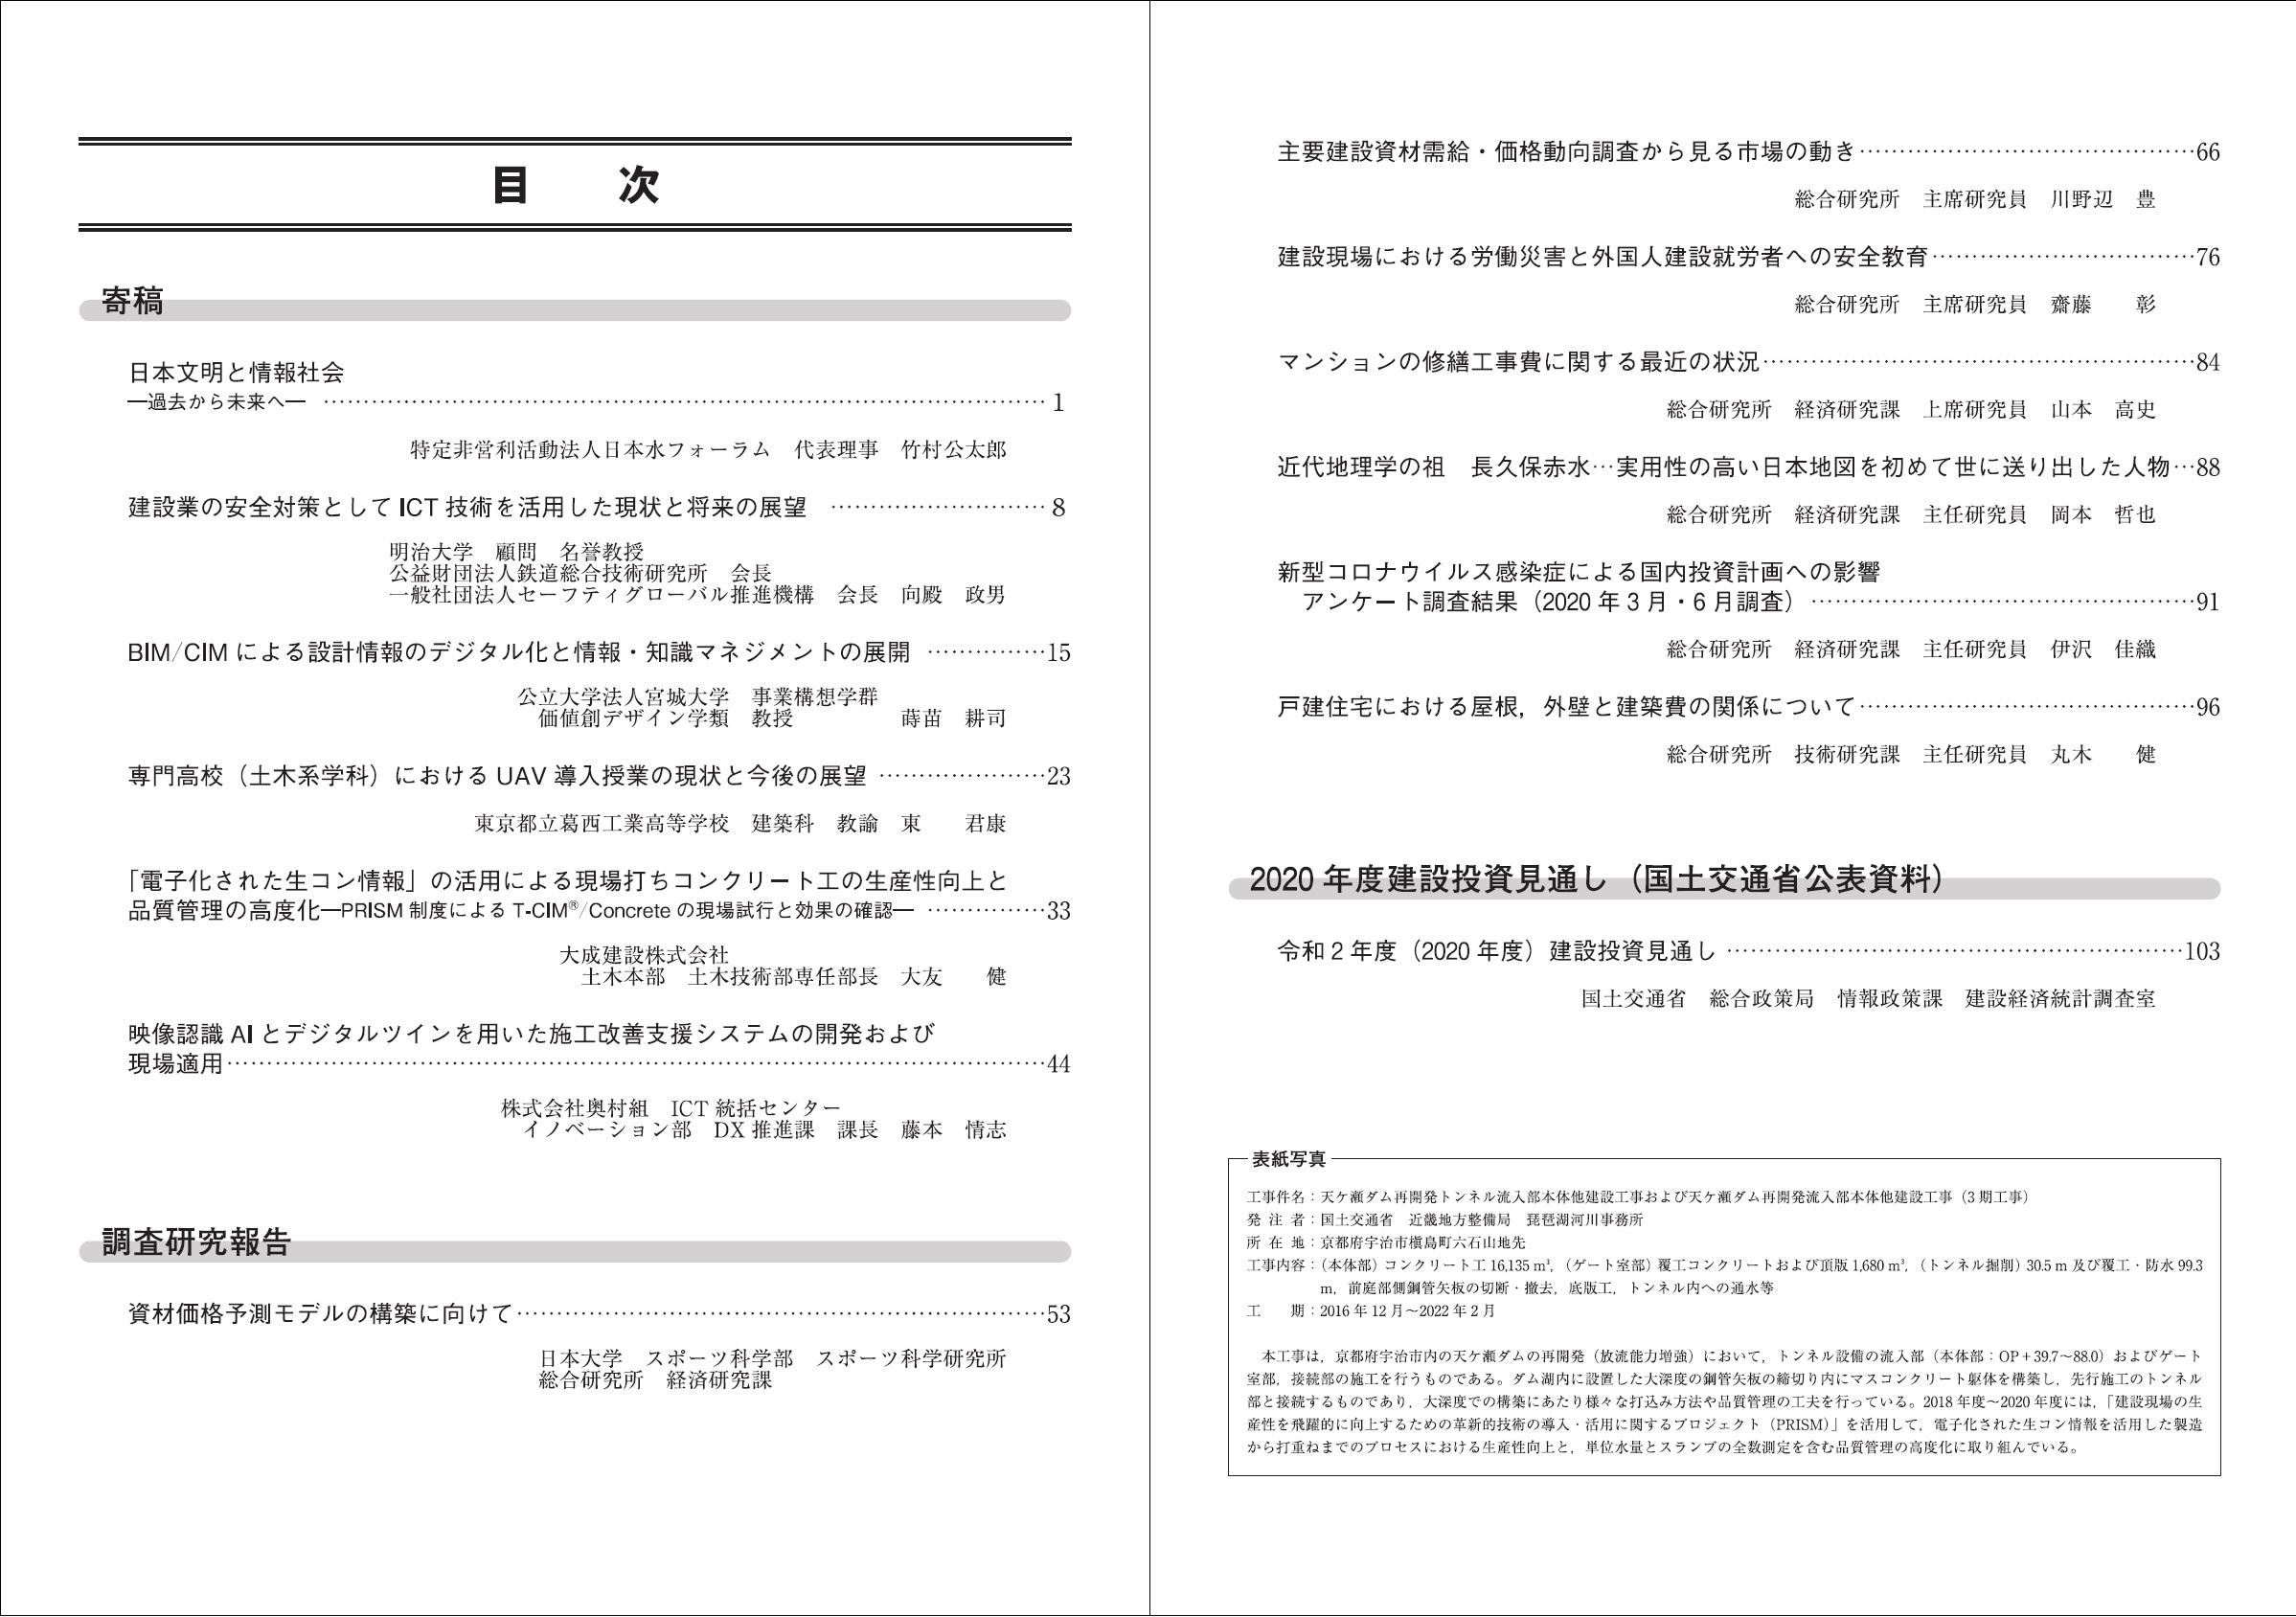 総研リポート vol19 目次